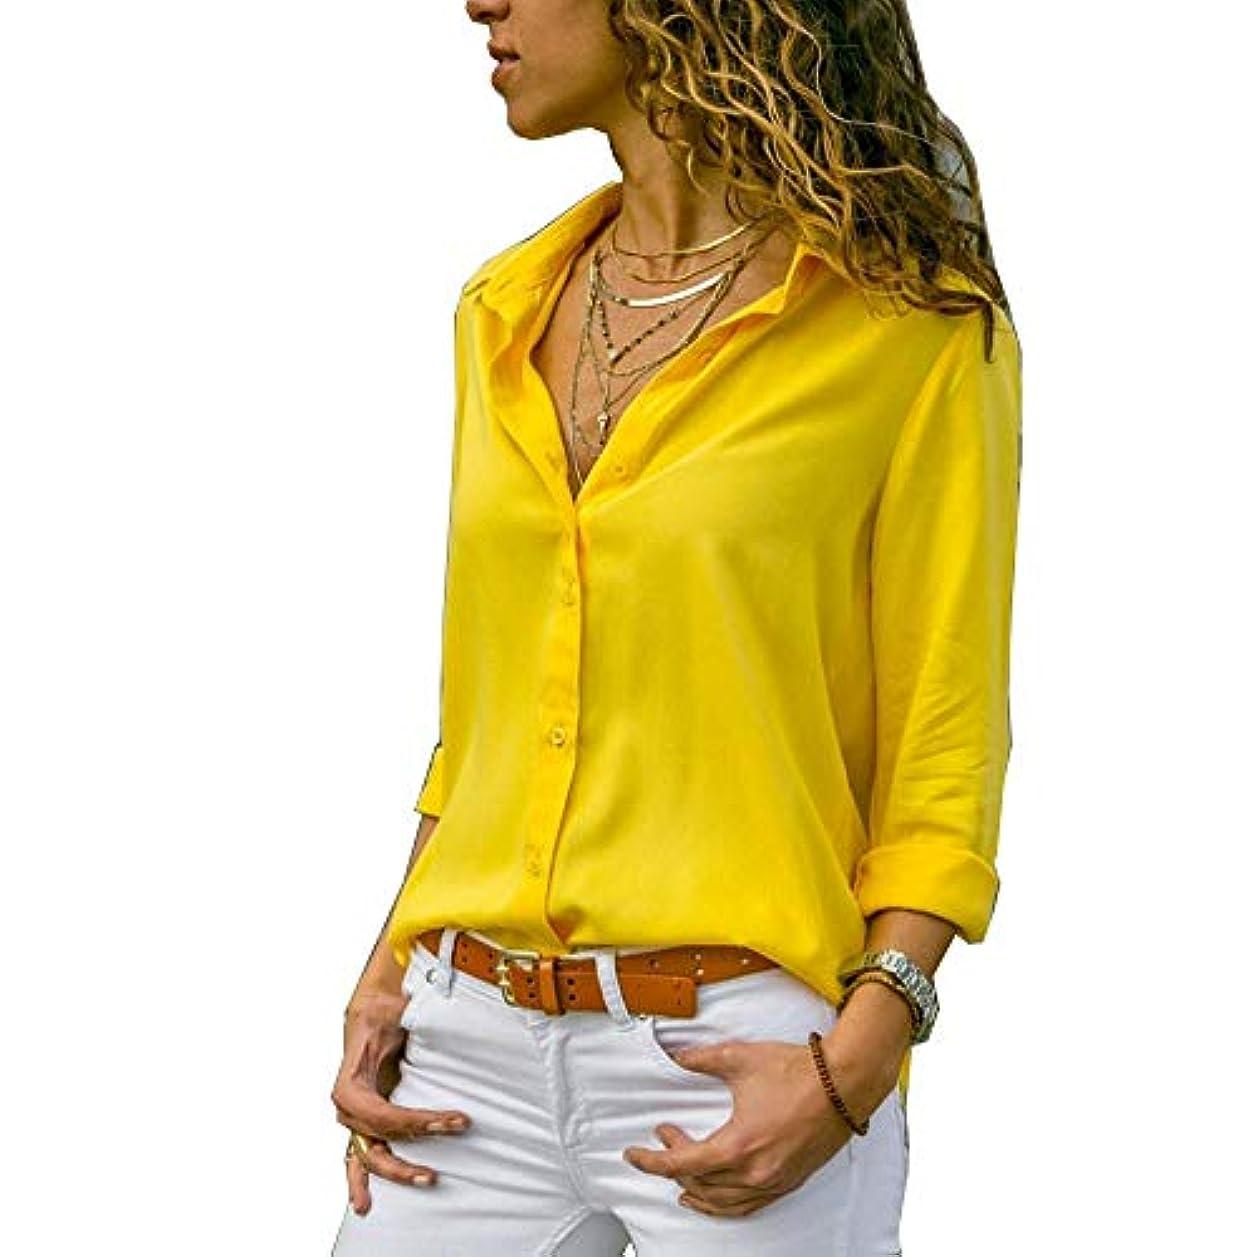 累積舞い上がるラジエーターMIFAN ルーズシャツ、トップス&Tシャツ、プラスサイズ、トップス&ブラウス、シフォンブラウス、女性トップス、シフォンシャツ